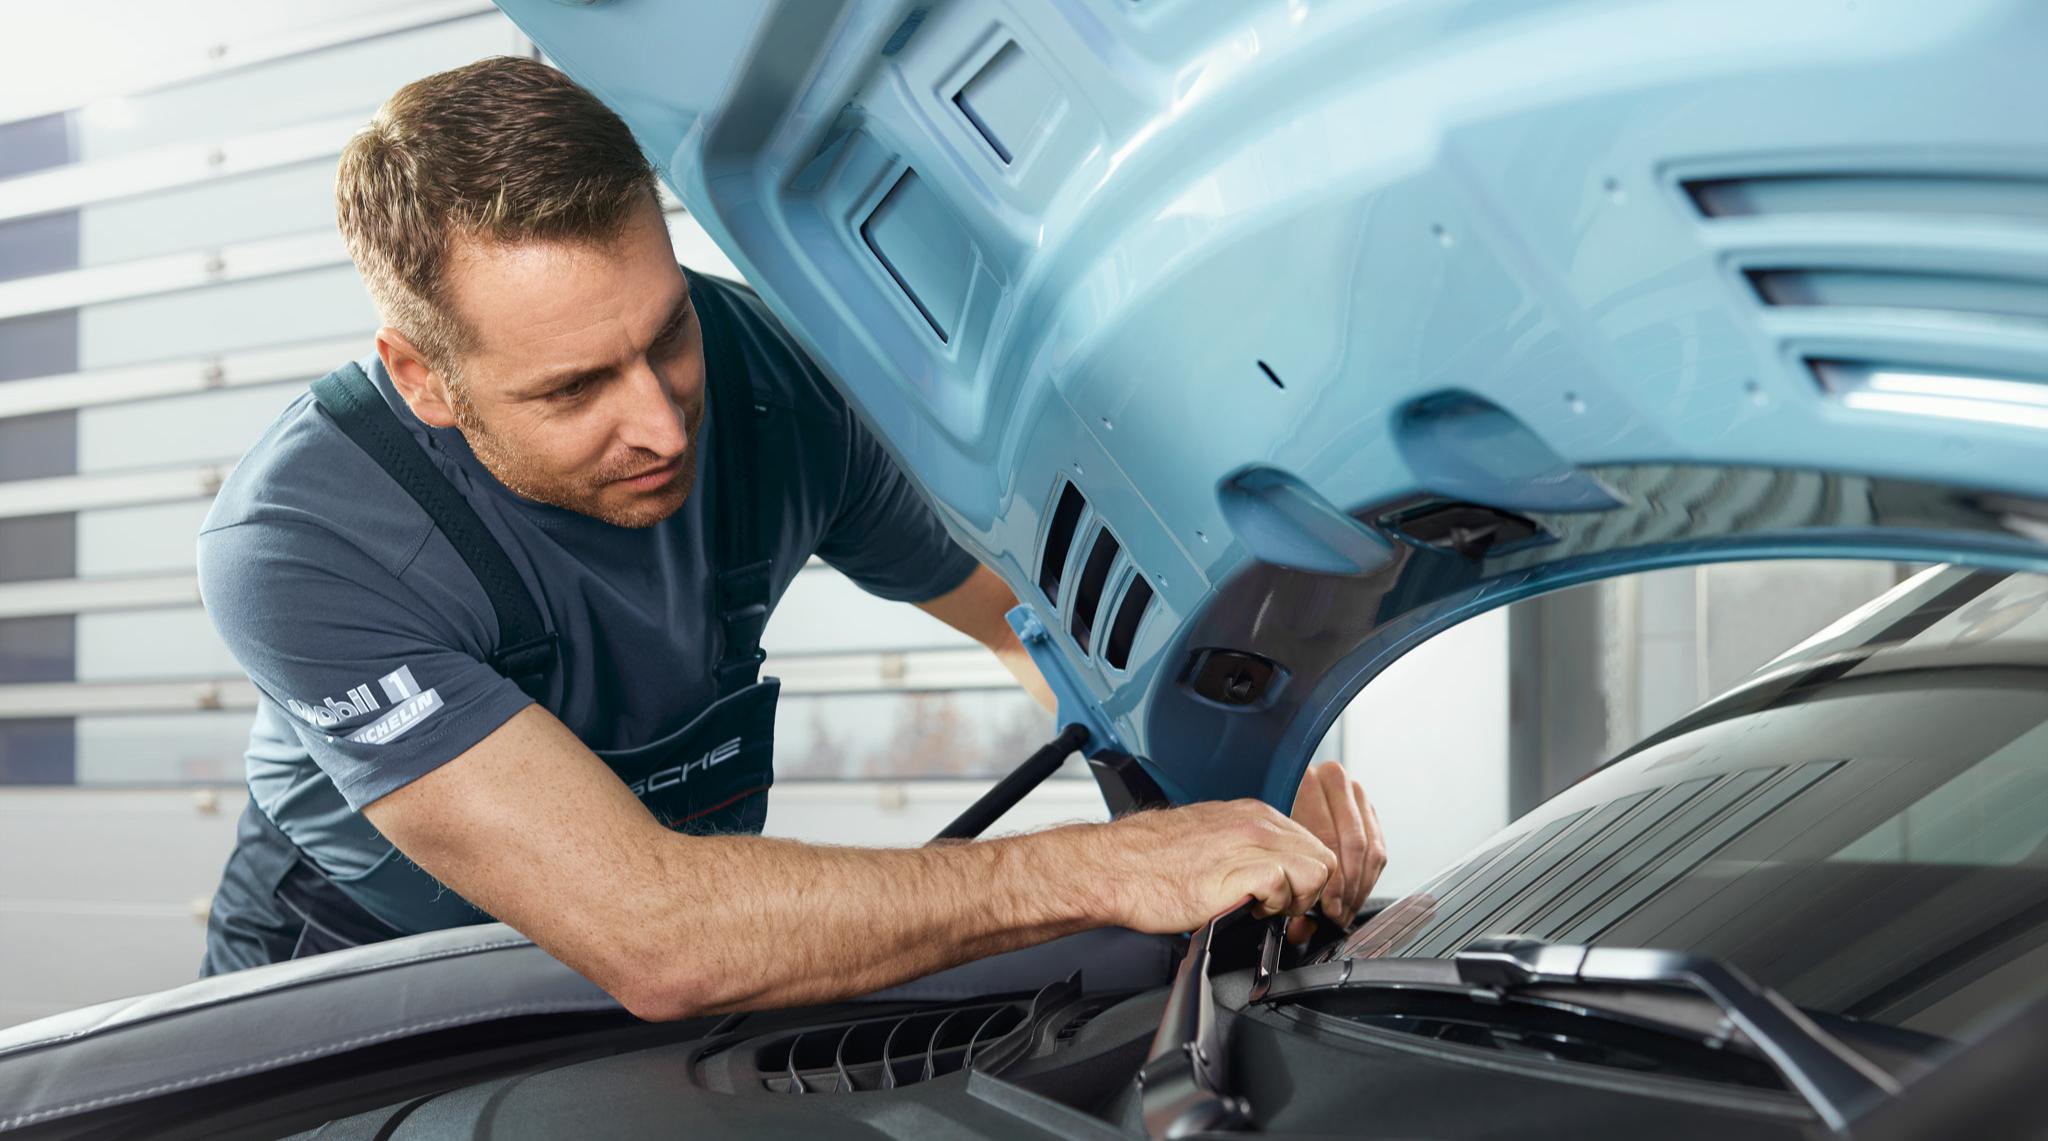 Porsche Taycan Service